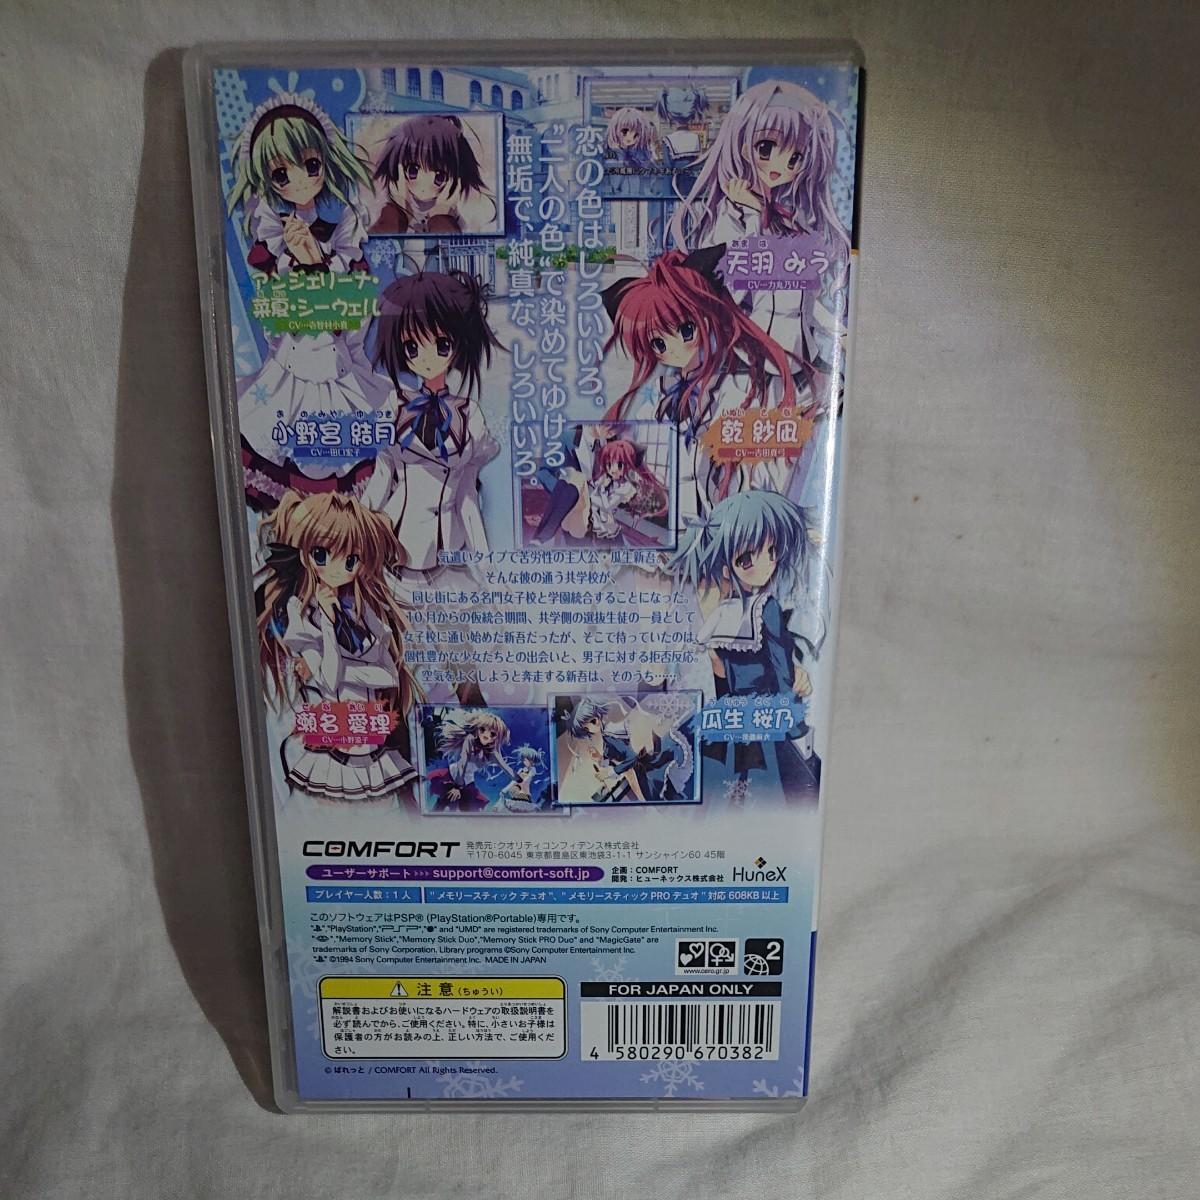 PSP ましろ色シンフォニー 動作確認済み PSP